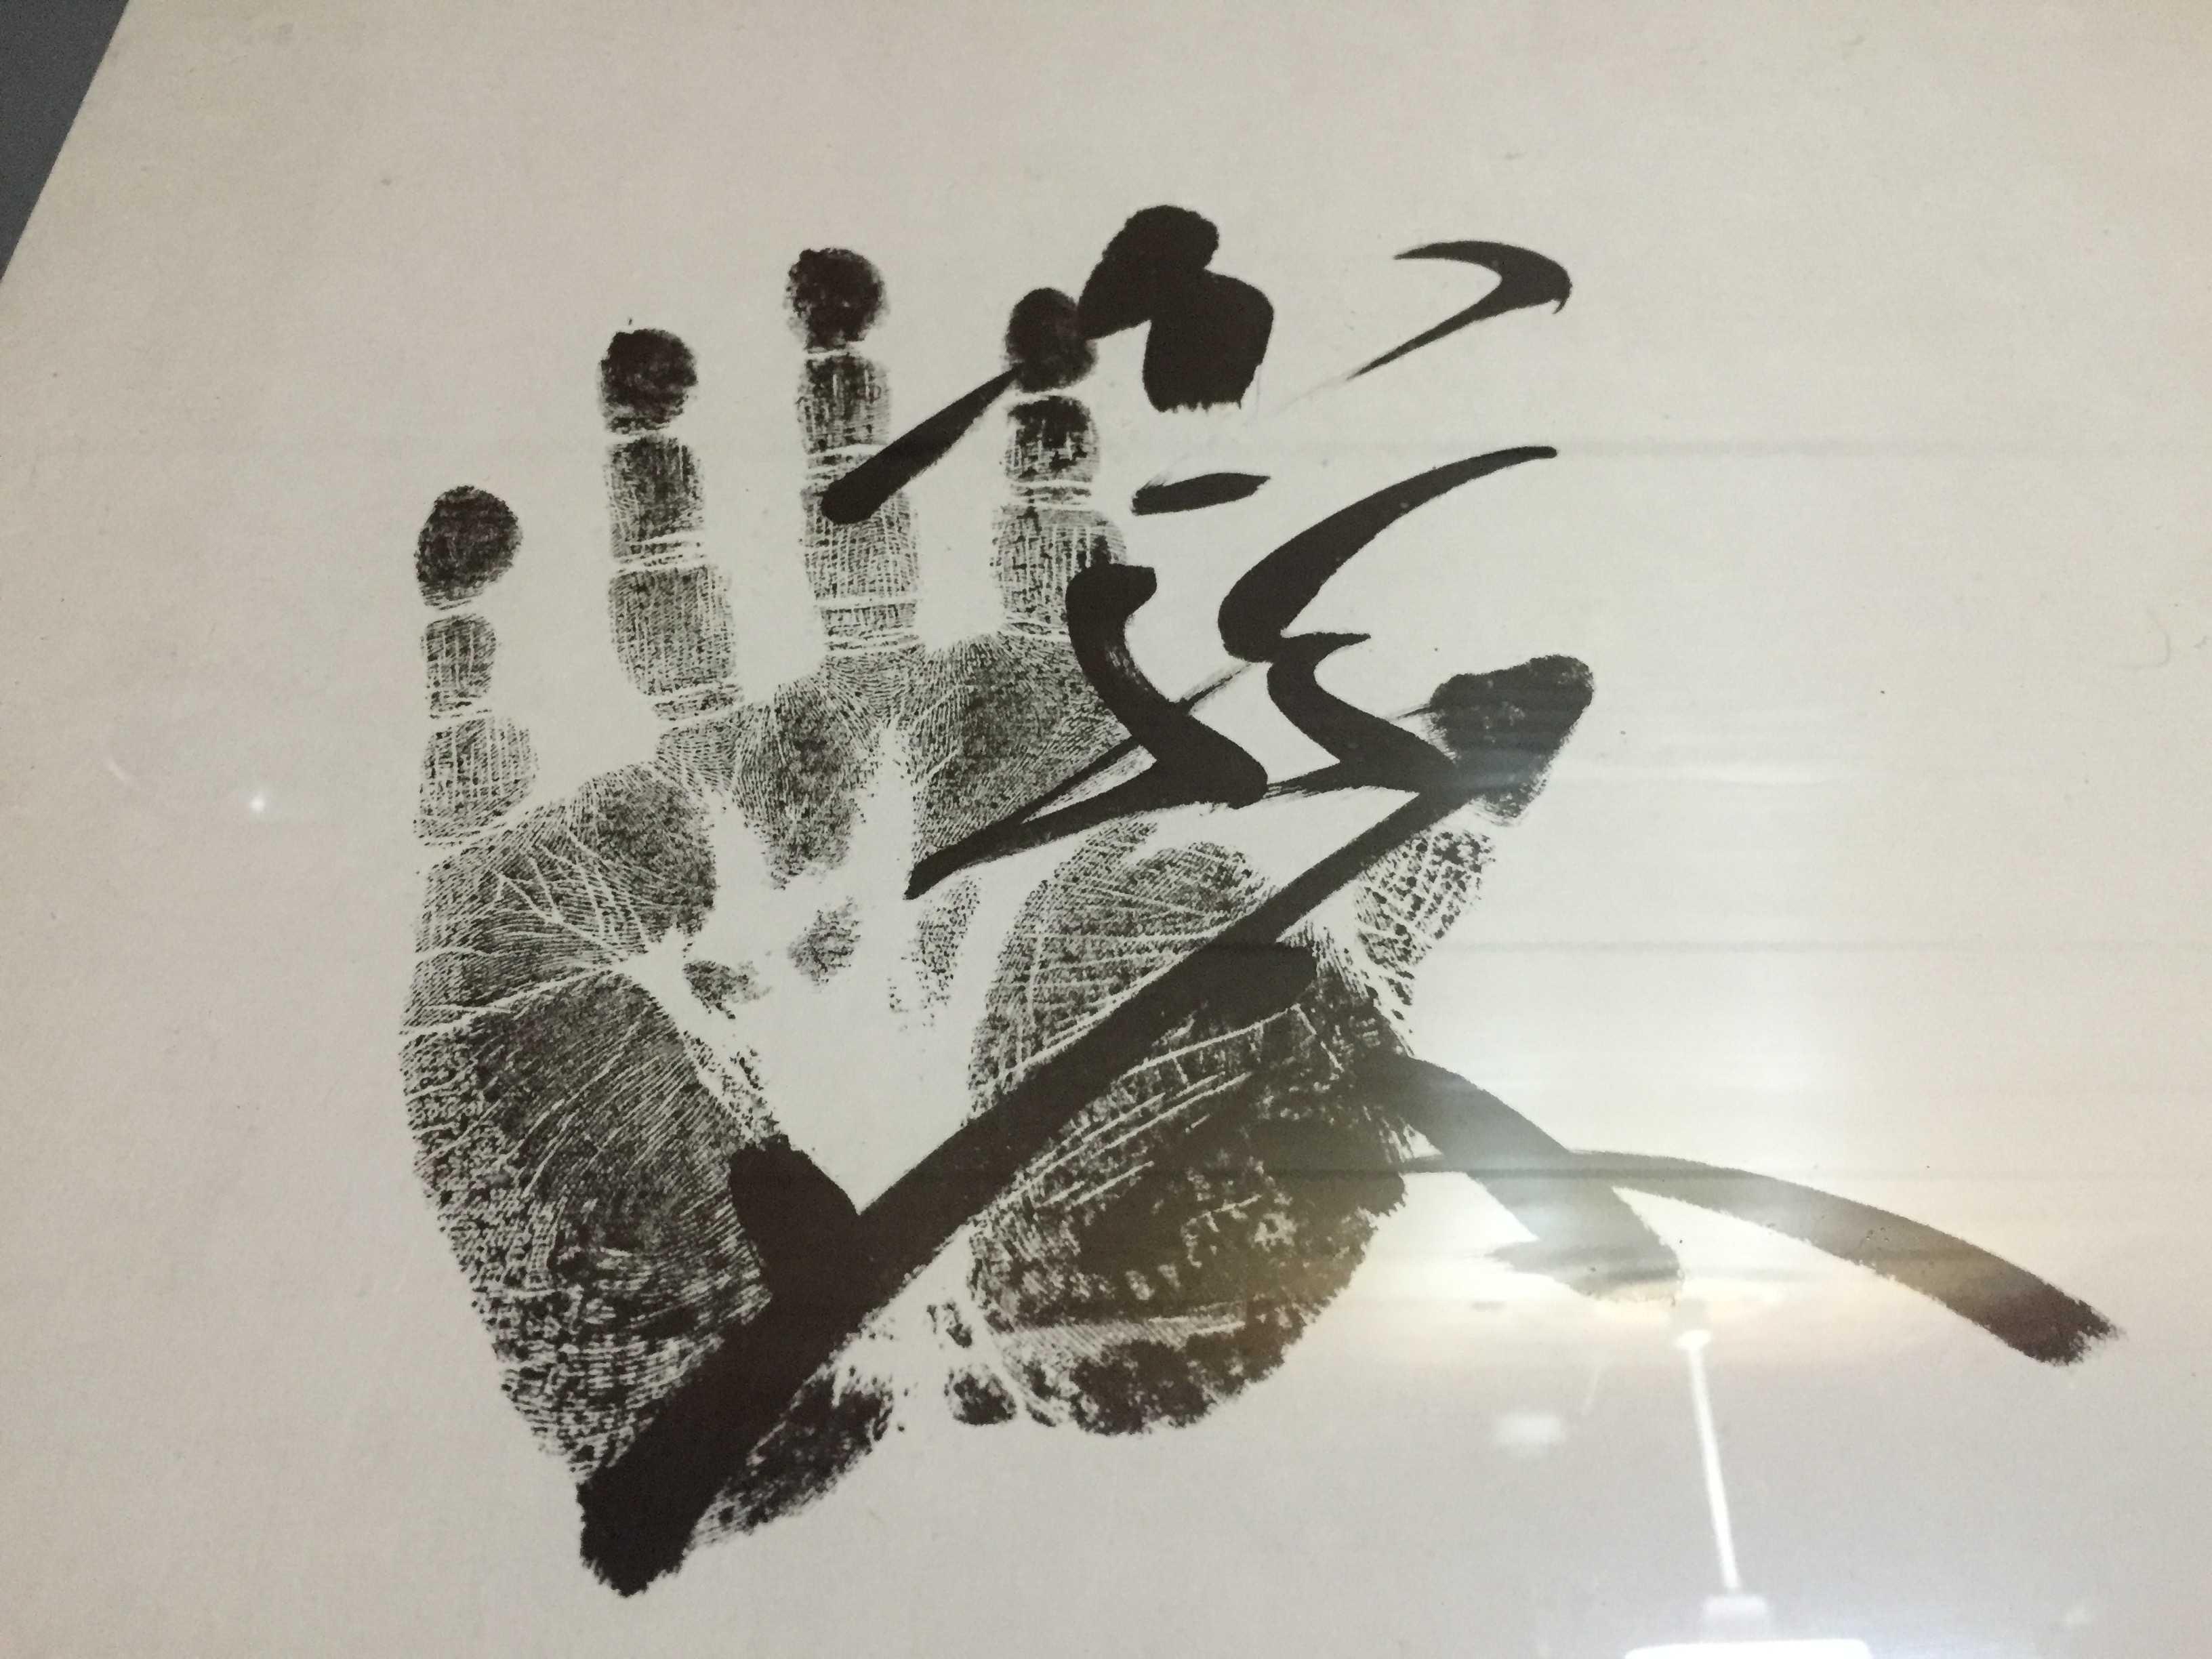 北勝海の手形とサイン